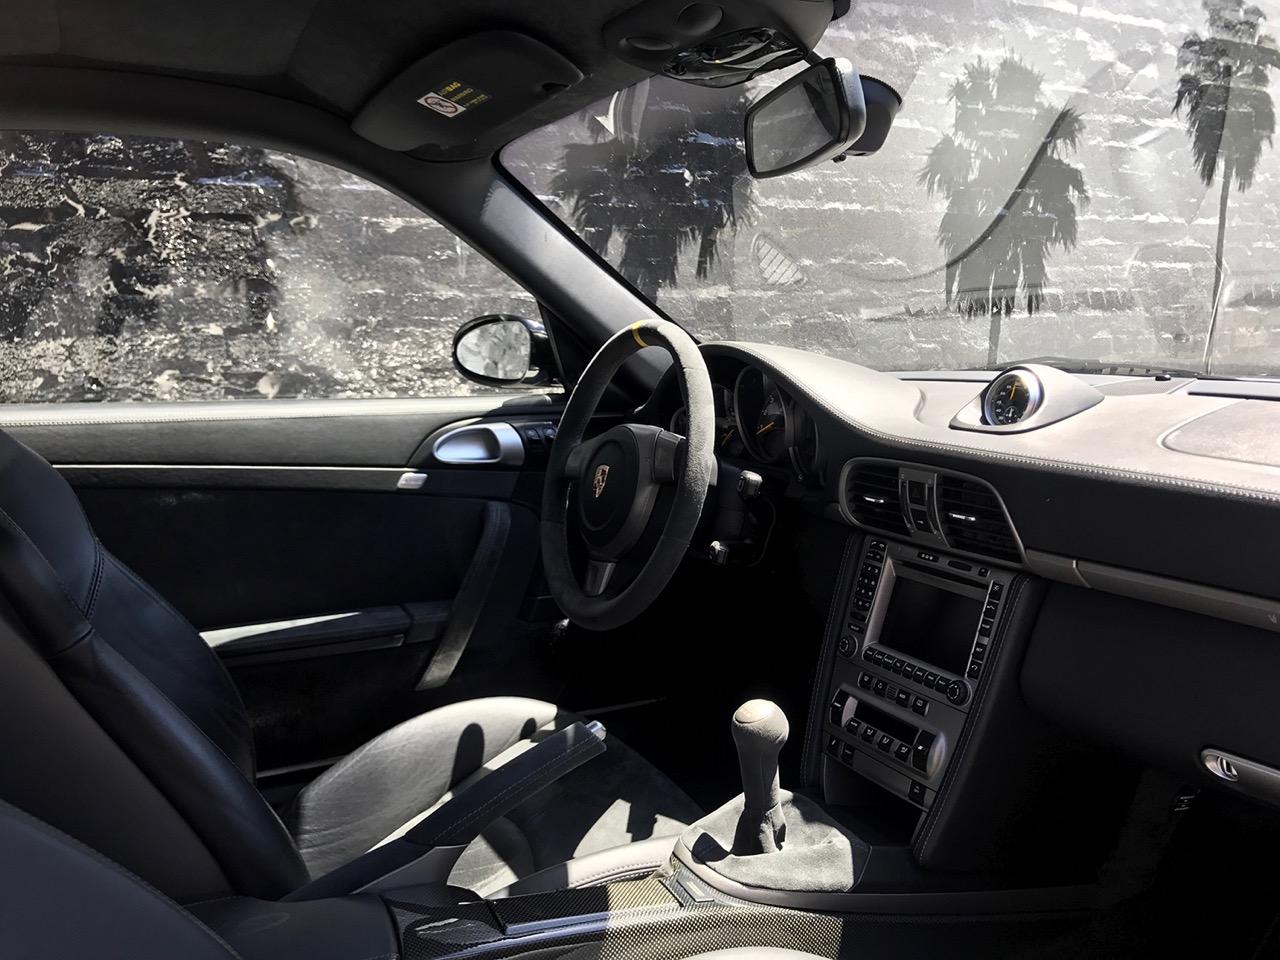 Porsche-911-GT3-RS-Jerry-Seinfeld-01.jpg